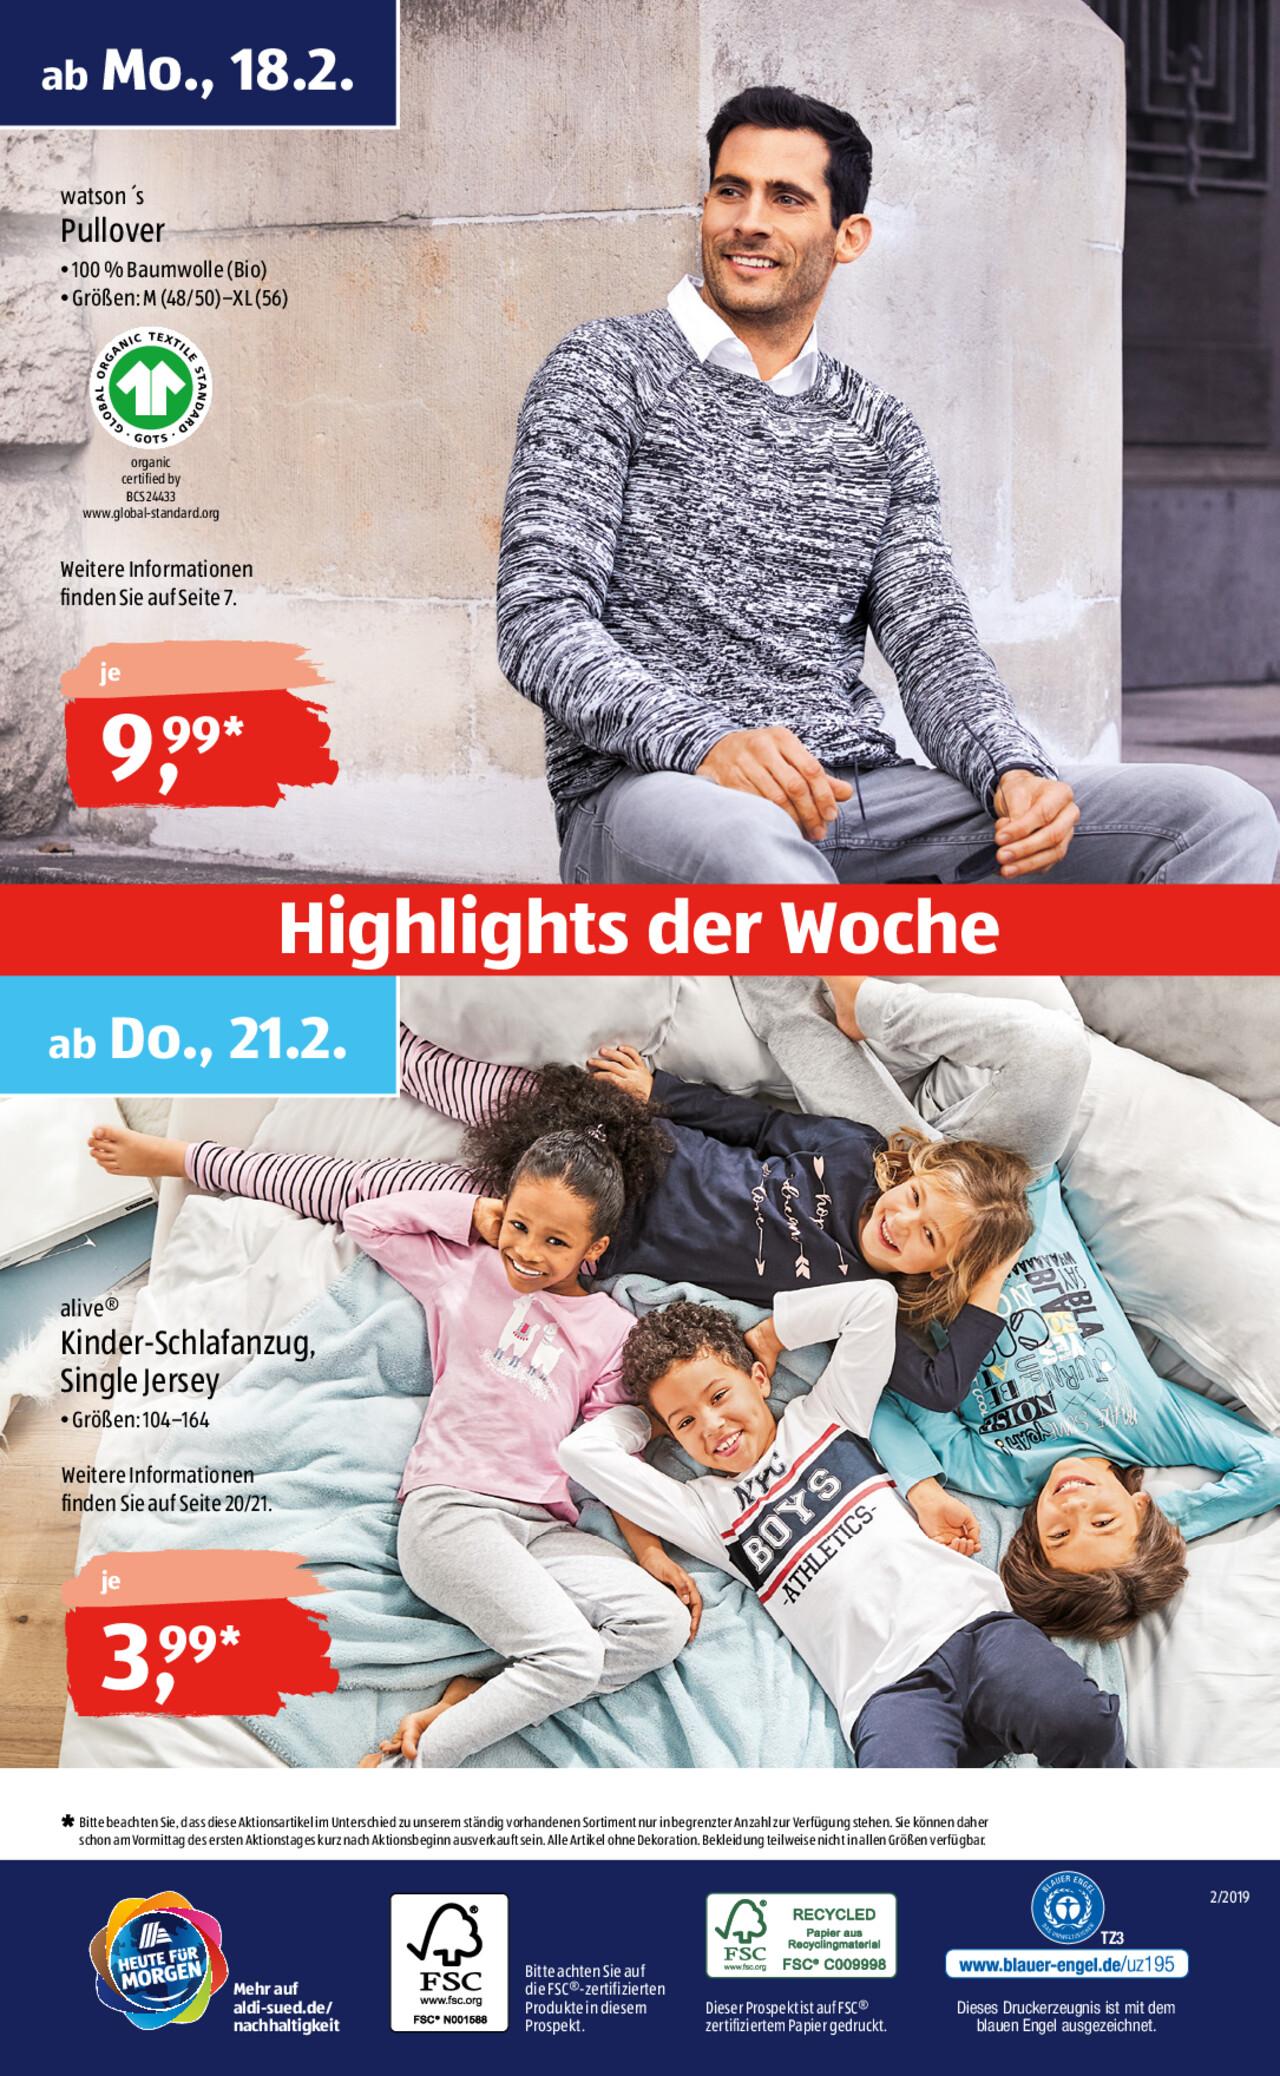 عروض ALDI SÜD لهذا الاسبوع ابتداء من 18.02.2019 10038 8 تعلم اللغة الالمانية